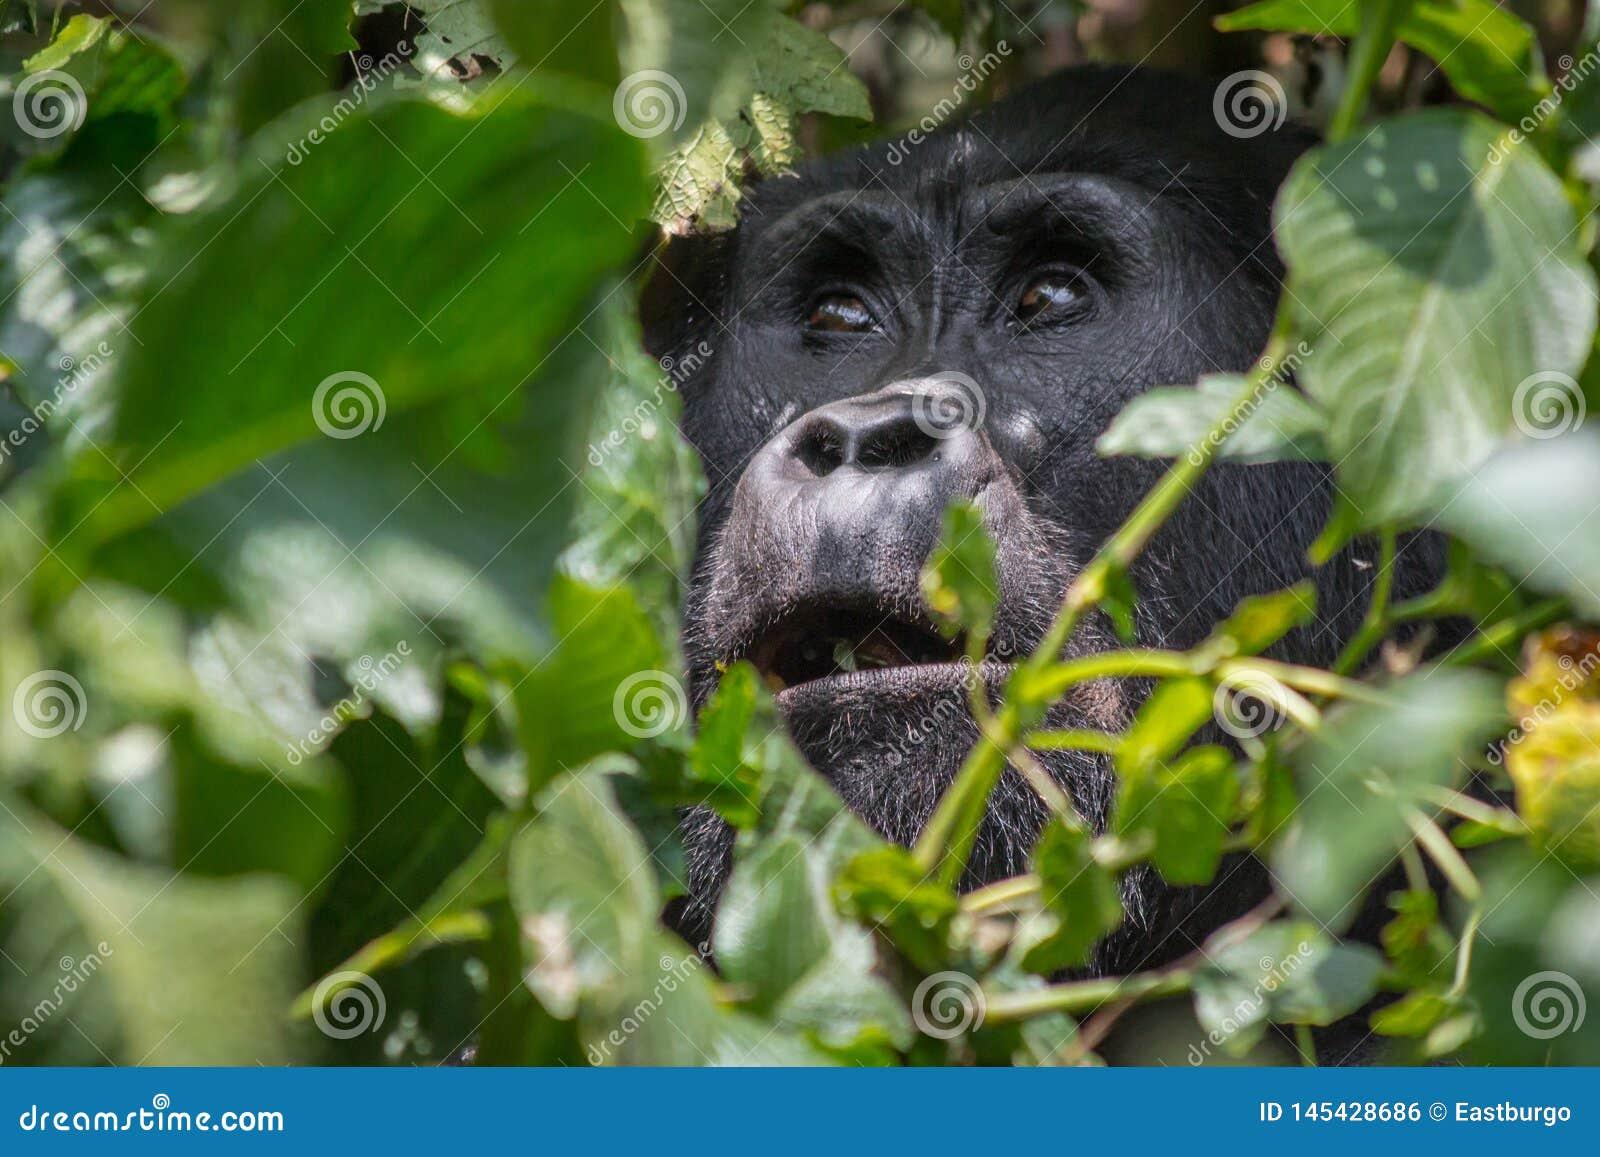 Ein himmlischer Gorilla im impenatrable forrest von Uganda